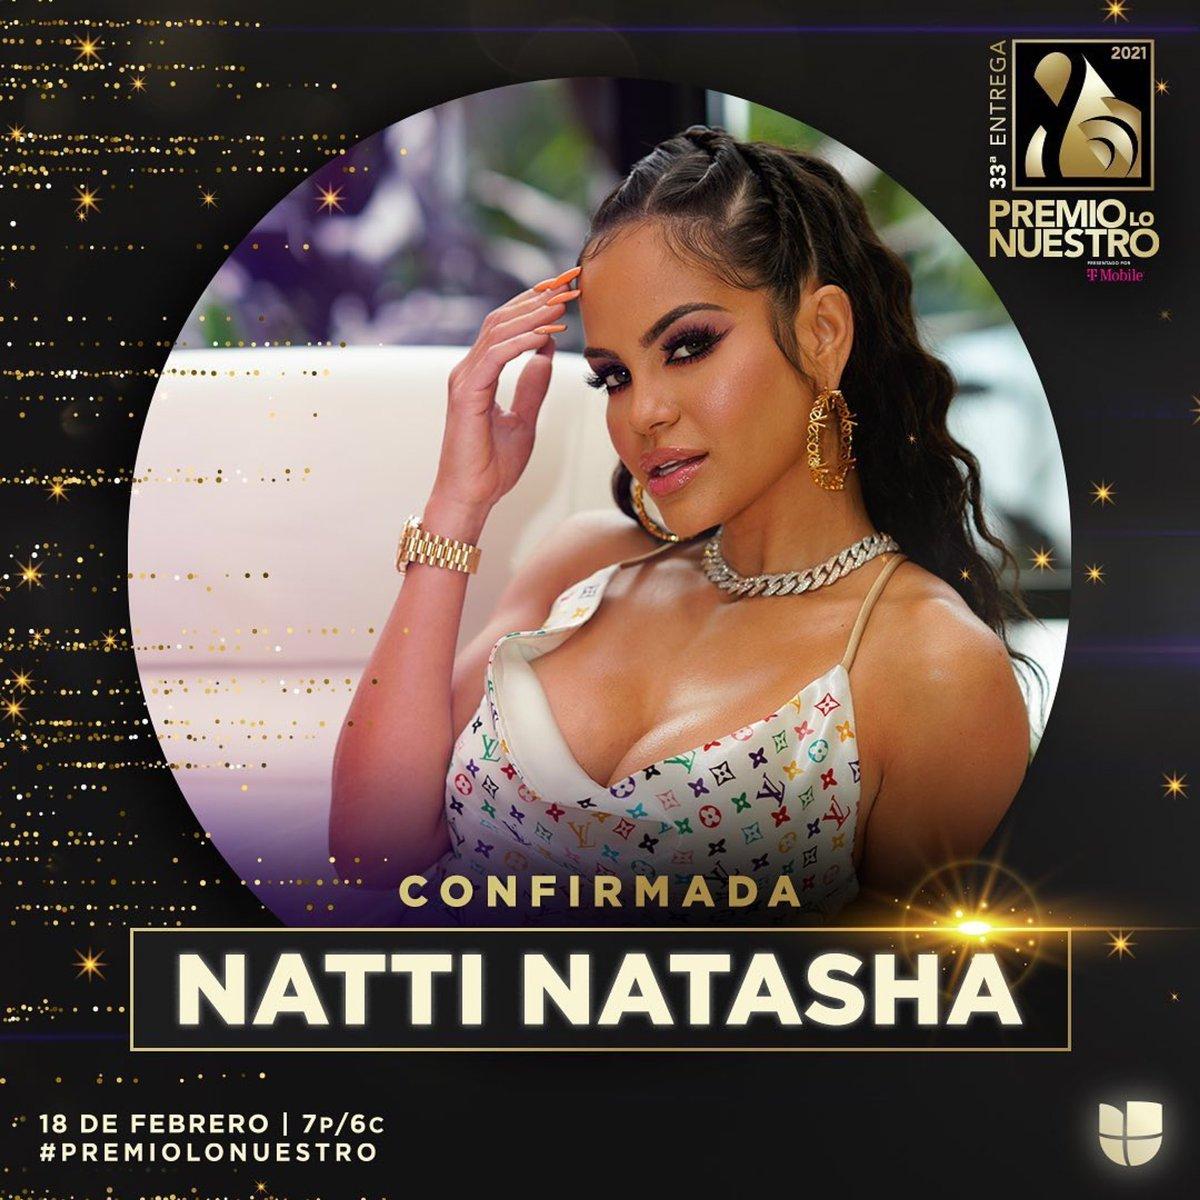 Replying to @premiolonuestro: ¡RD presente! @nattinatasha nos regalará su mejor versión en #PremioLoNuestro 🇩🇴